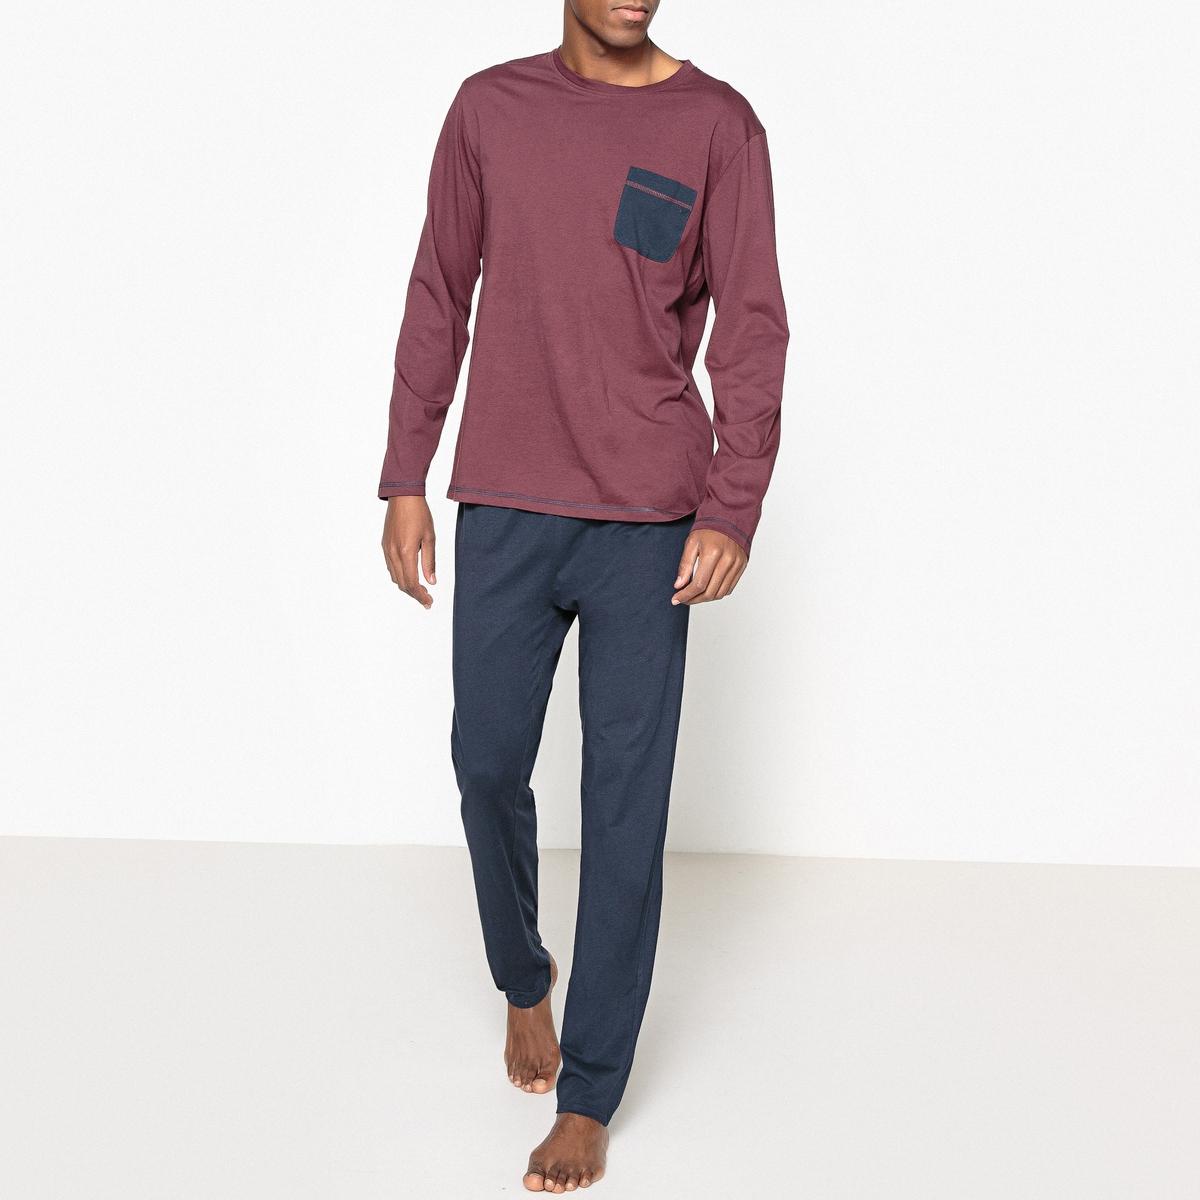 Пижама длиннаяОписание:Длинная мужская пижама изысканной расцветки. Замечательный комфорт и модный классический внешний вид: отличная пижама для отдых. Состав и описание :Мужская пижама, круглый вырез, нагрудный карман. Длинные брюки.Материал : верх 100% хлопокшорты 60% хлопка, 40% вискозыУход :Стирать с вещами схожих цветов при 40° Стирать и гладить с изнаночной стороны при низкой температуре.Машинная сушка запрещена.<br><br>Цвет: синий/серый меланж,темно-синий/бордовый<br>Размер: M.L.XXL.XL.S